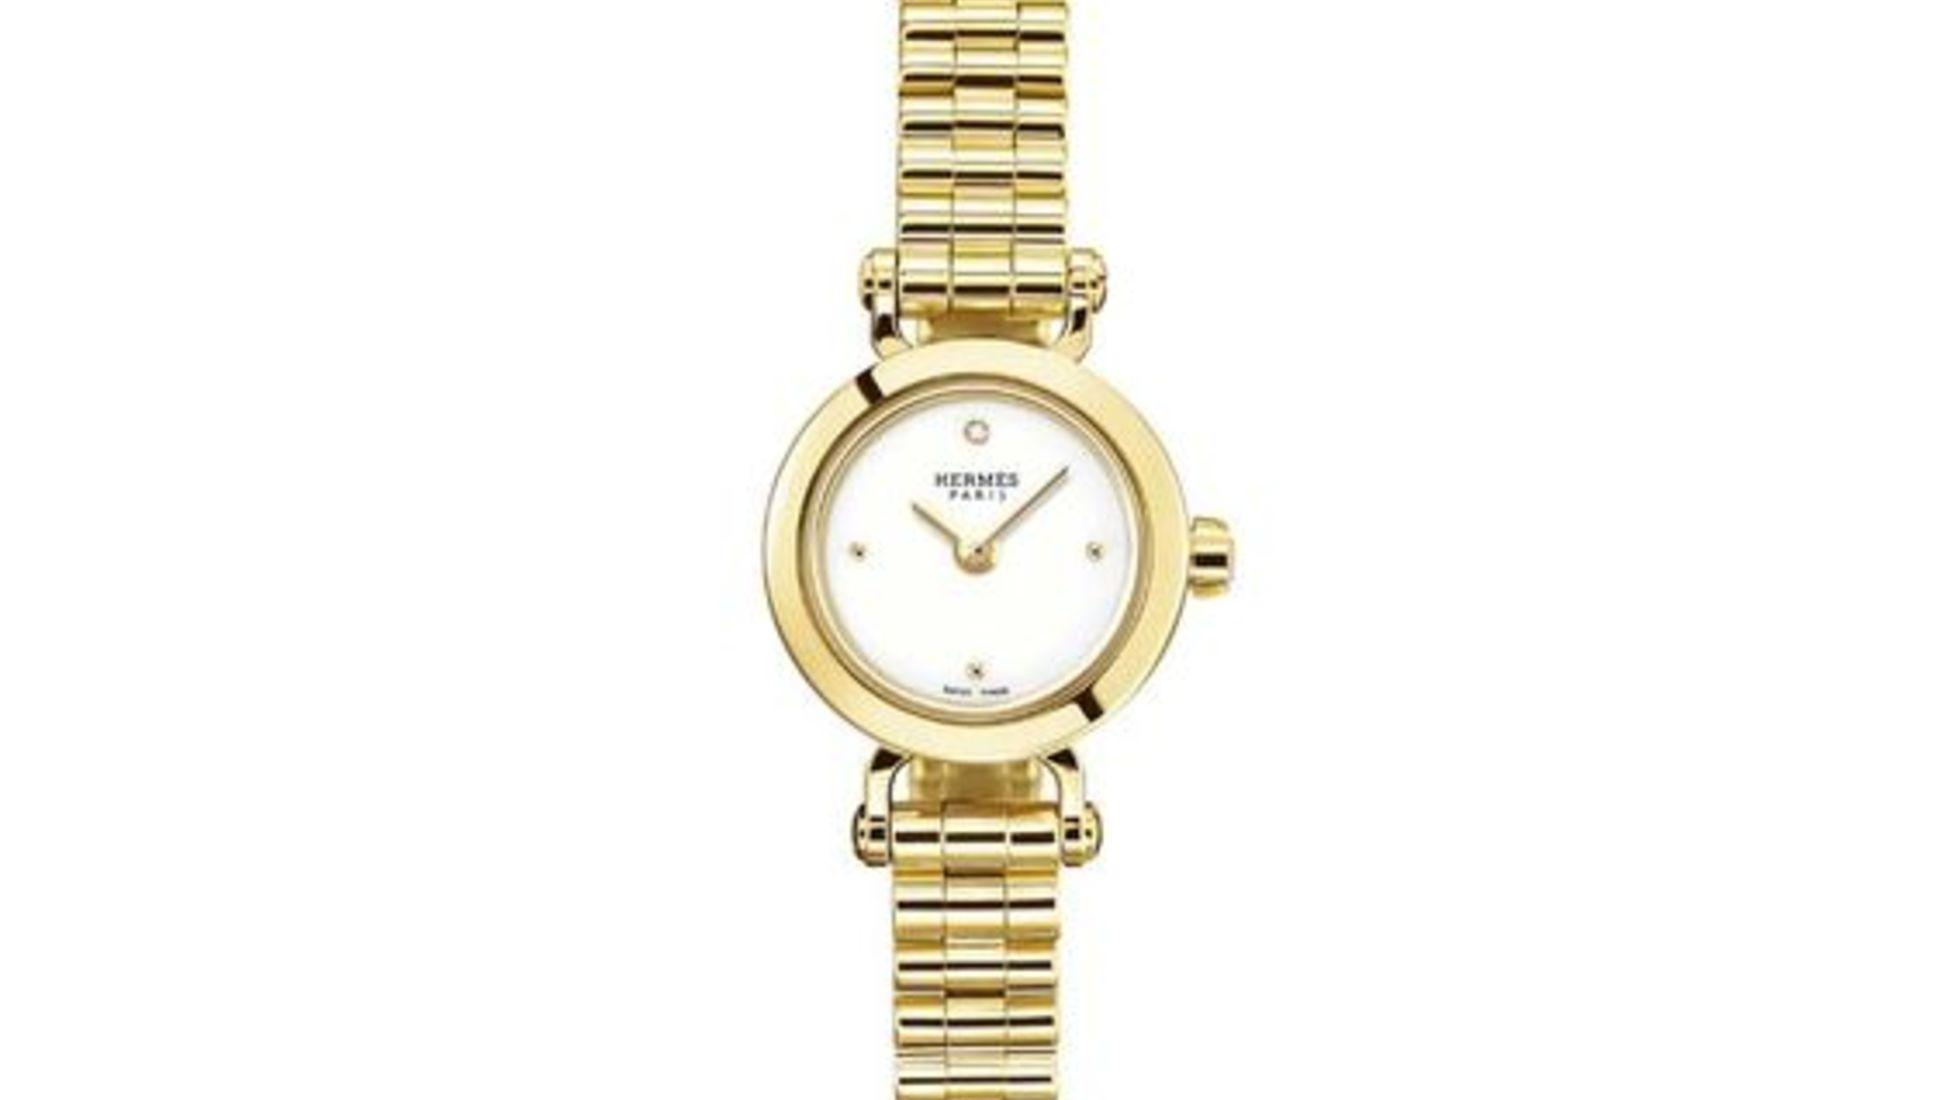 De Longines a Gucci: 5 de los relojes más pequeños del mundo - Catawiki